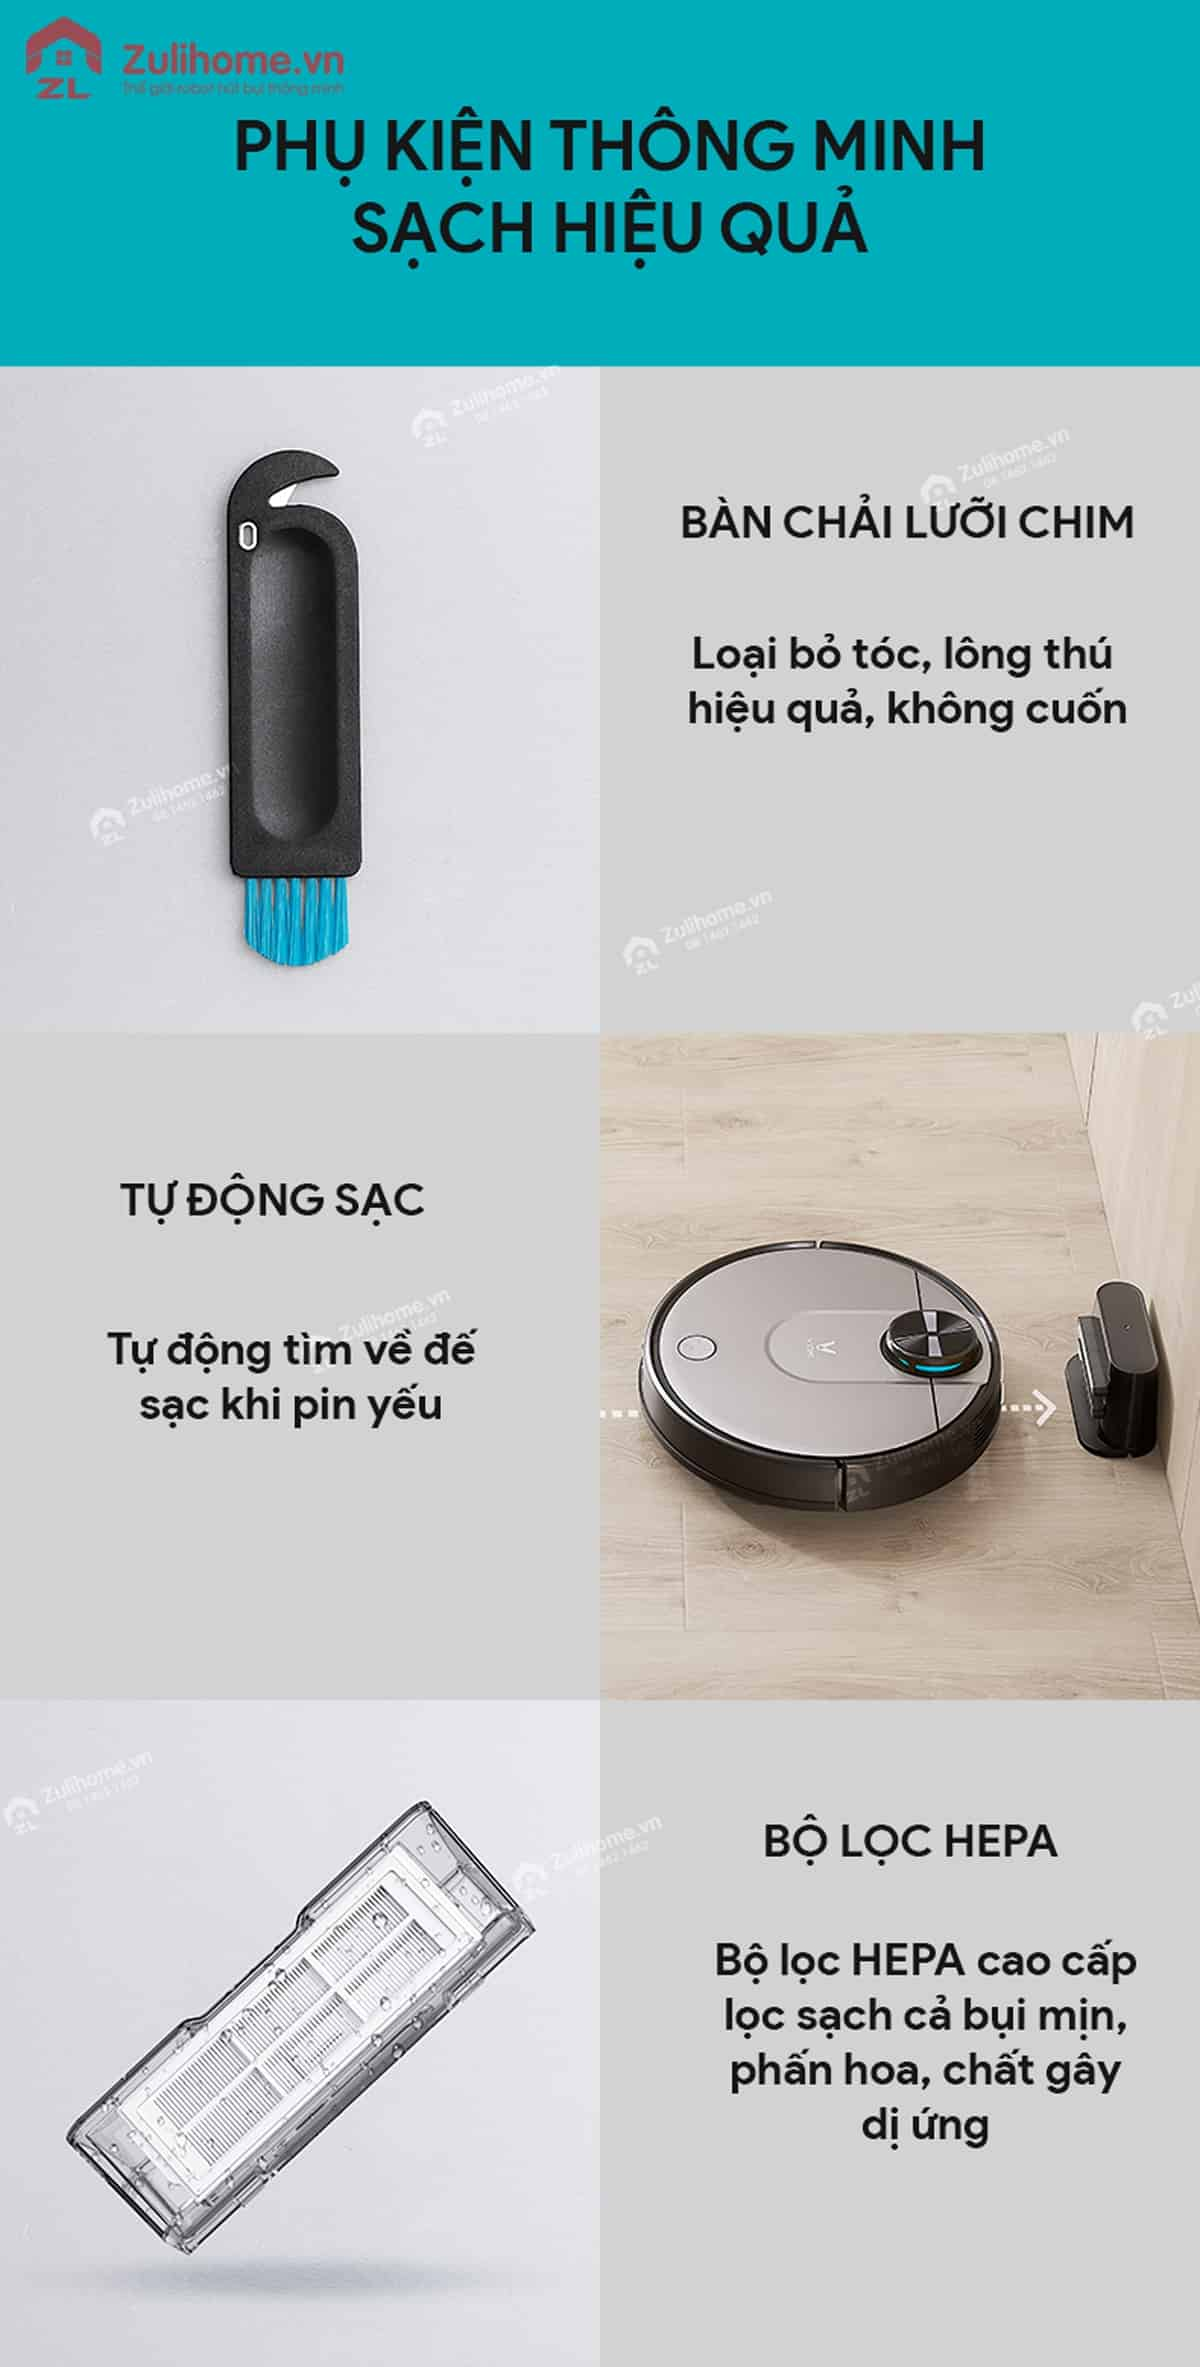 Xiaomi Viomi Yunmi có bộ phụ kiện thông minh